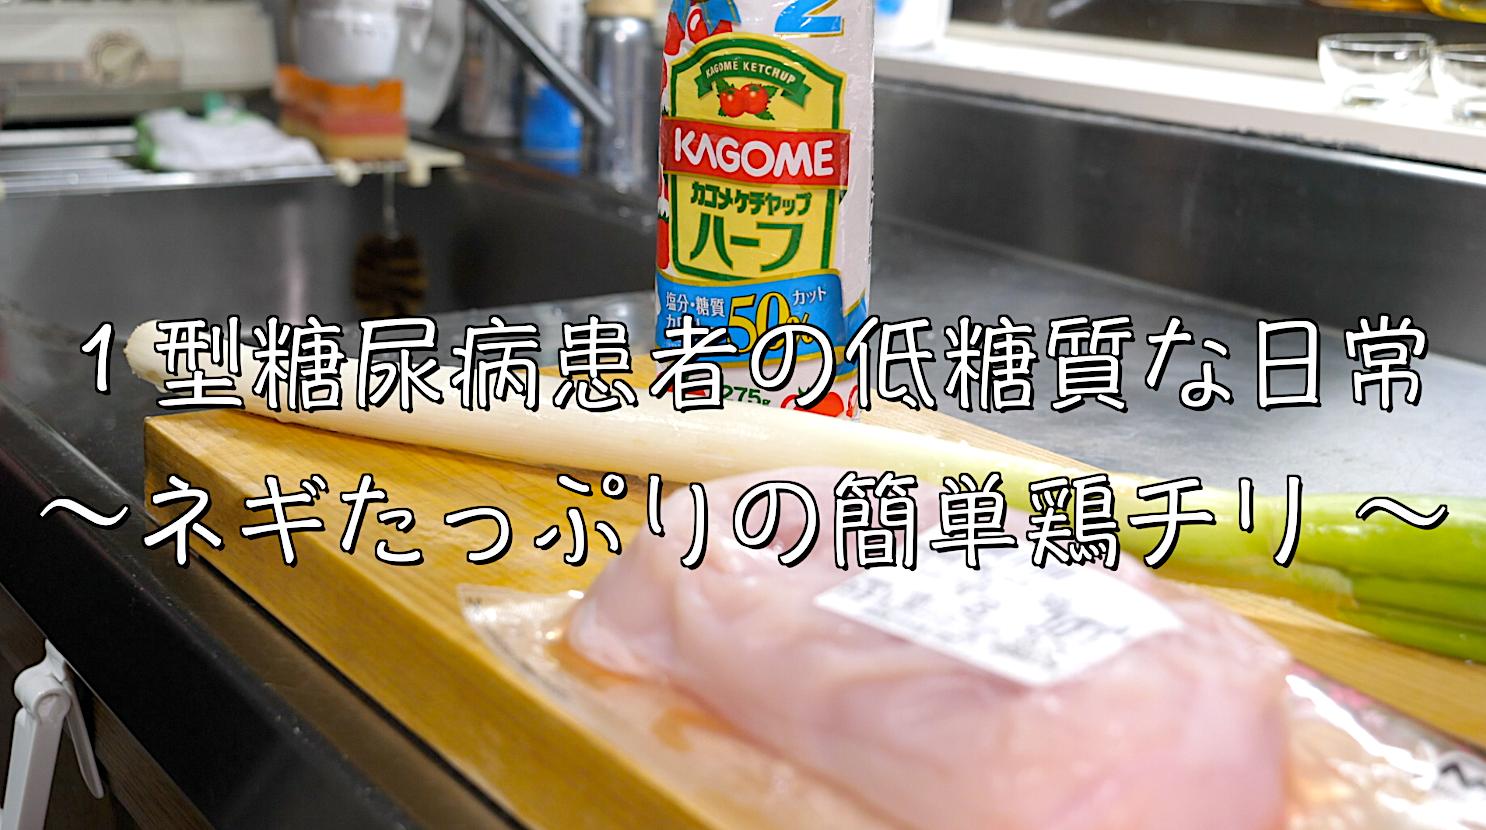 鶏チリ 糖質ハーフケチャップ レシピ